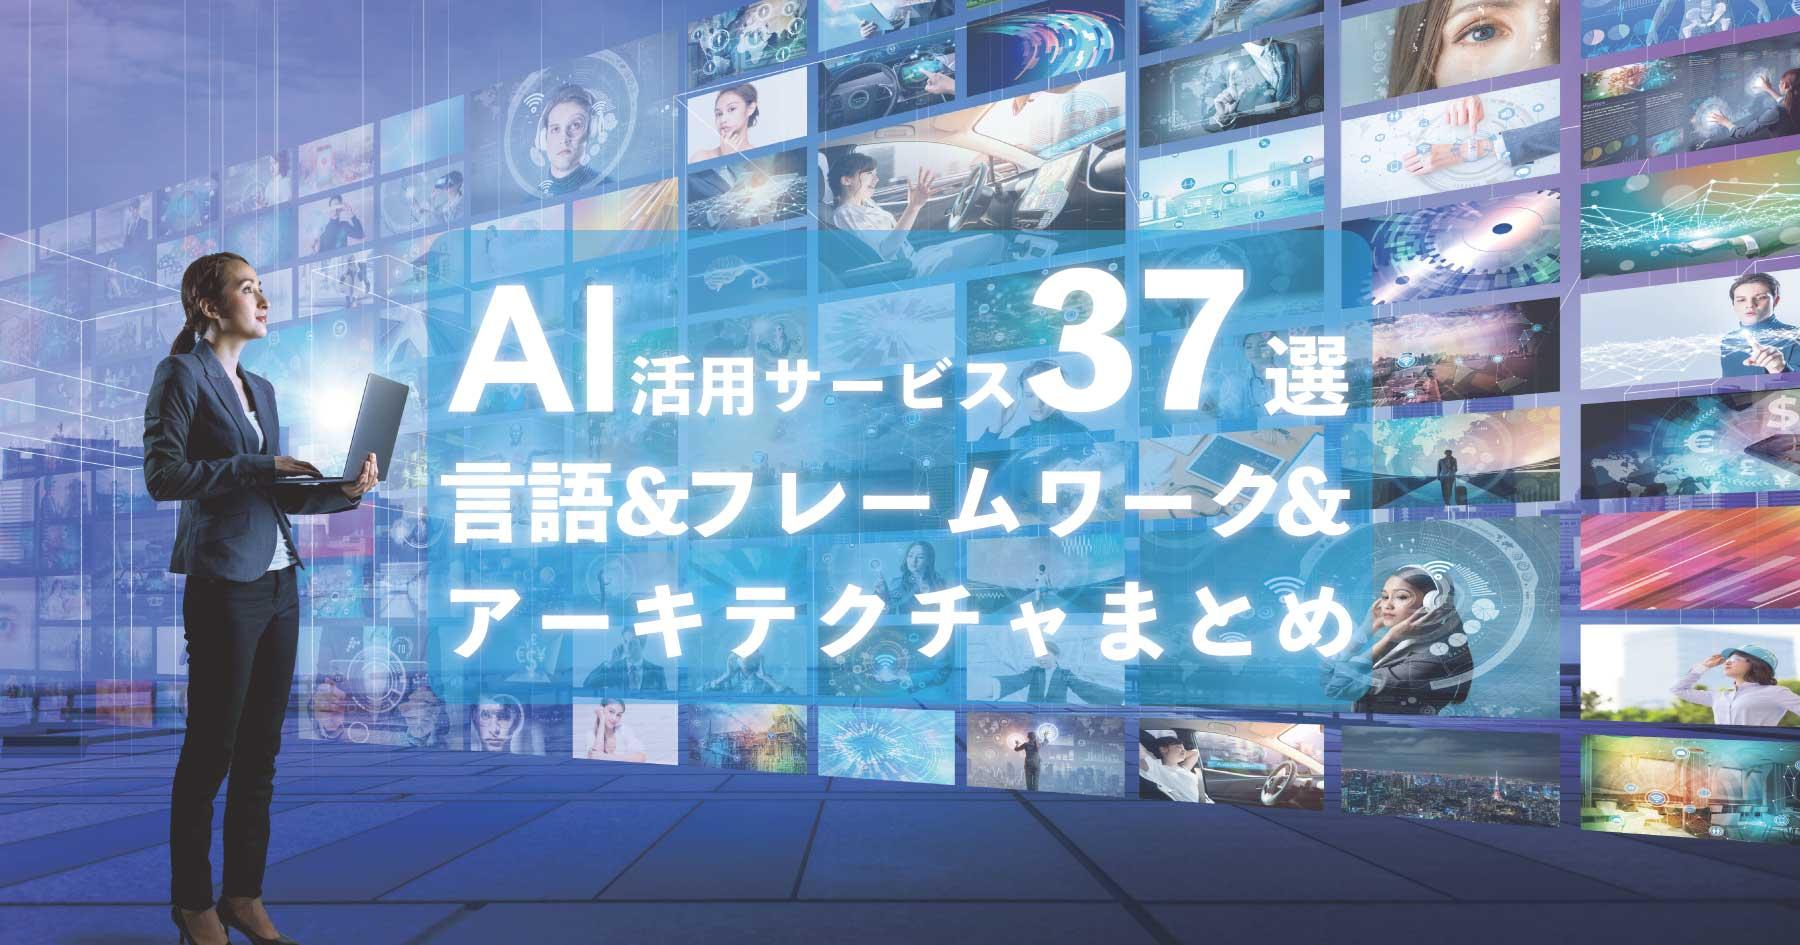 [37選]機械学習ライブラリやフレームワークは? 国内AI活用サービスのアーキテクチャを大調査! - エンジニアHub|若手Webエンジニアのキャリアを考える!